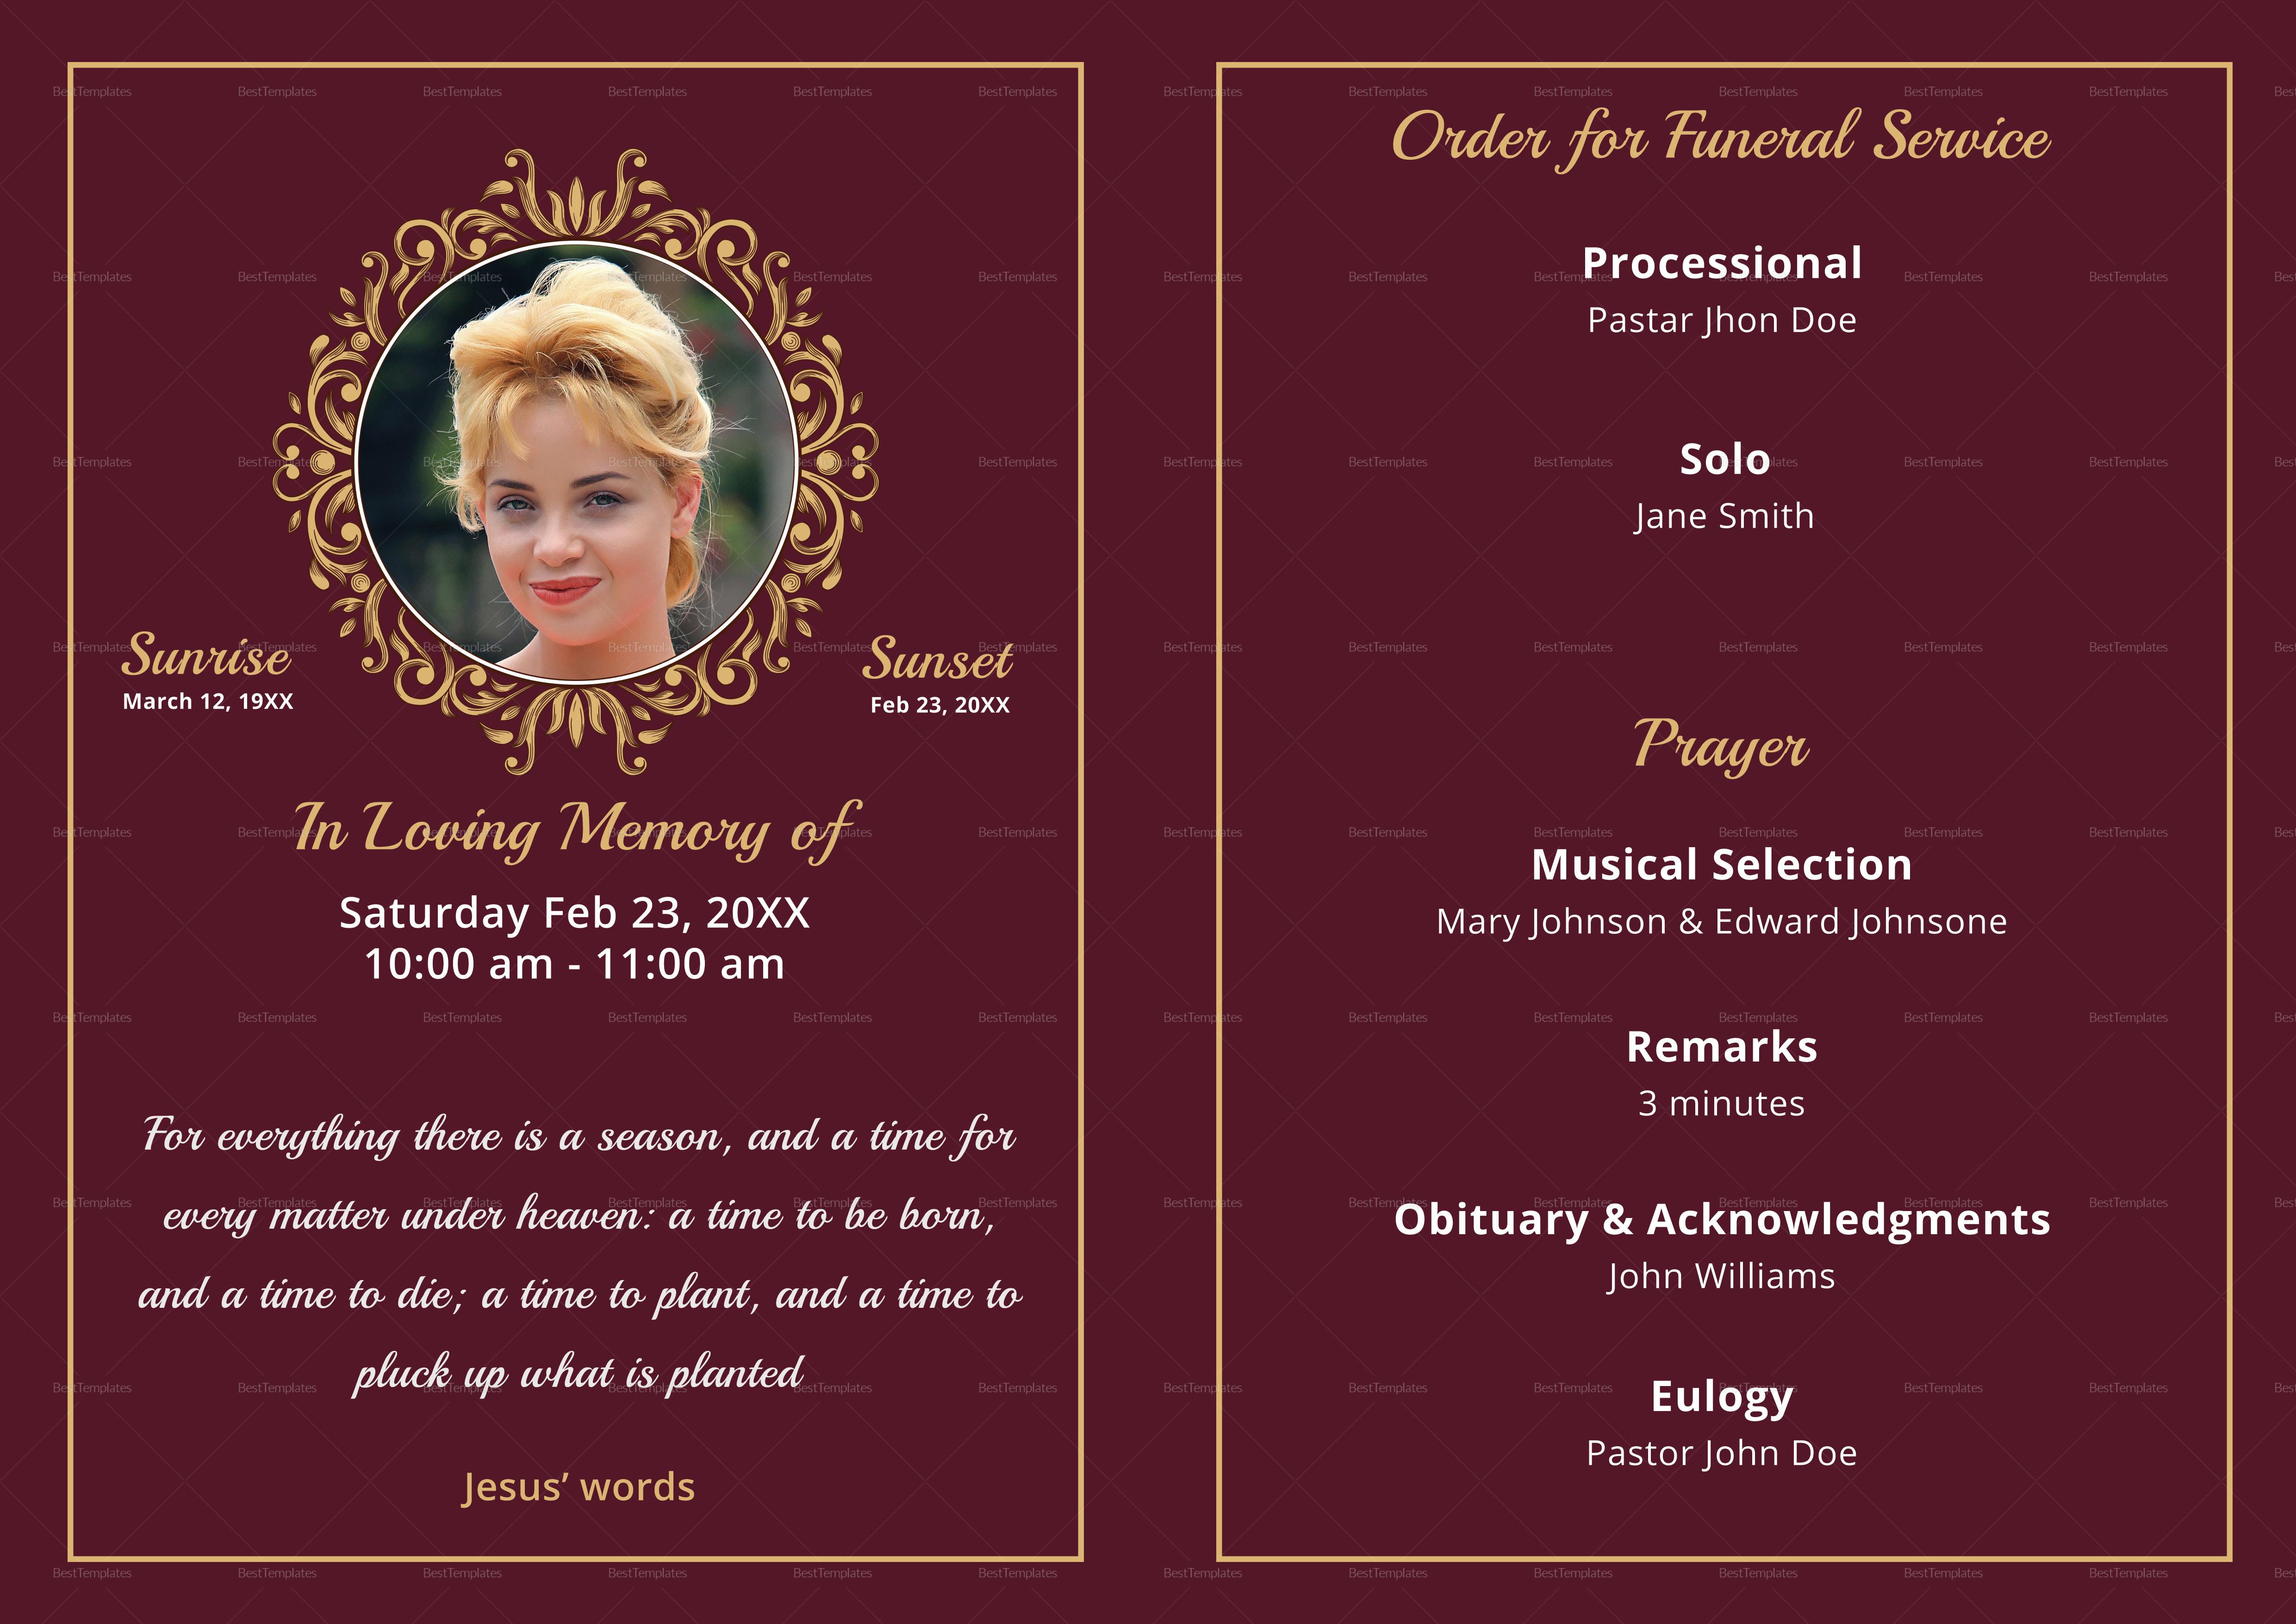 Memorial Service Funeral